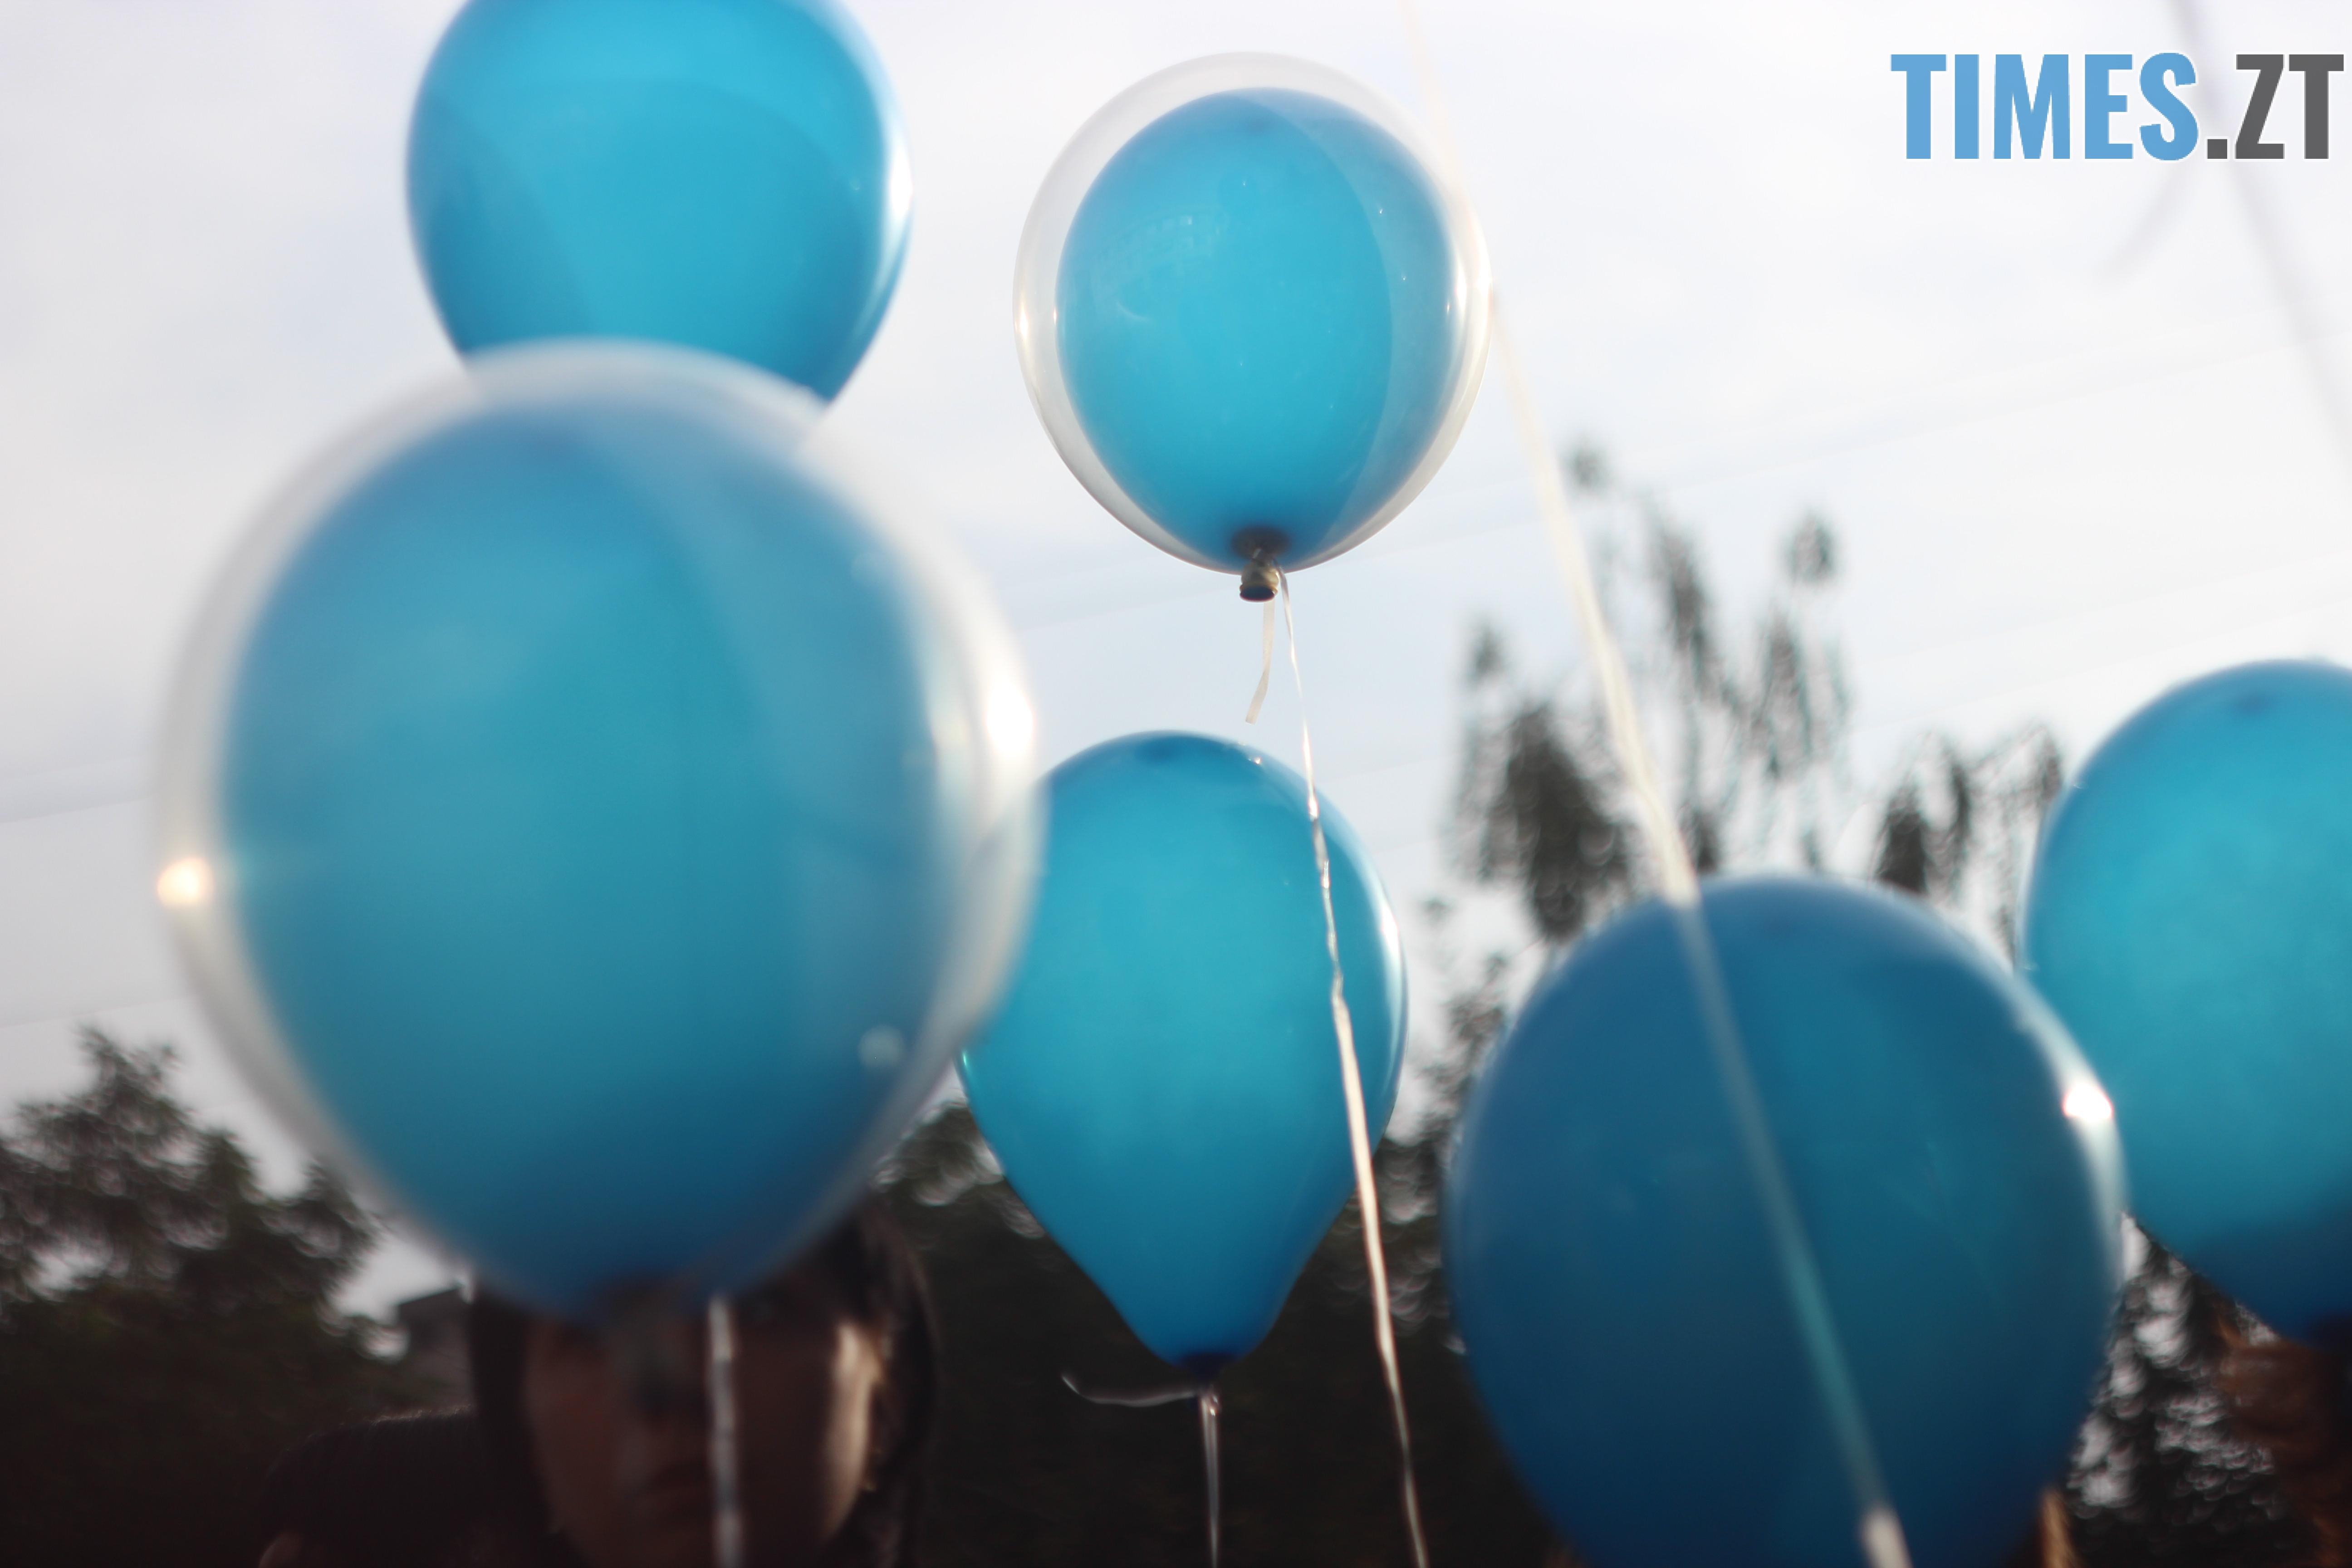 IMG 8759 - Майже 4 тисячі житомирських першокласників навчатимуться за системою Нової української школи (ФОТОРЕПОРТАЖ)